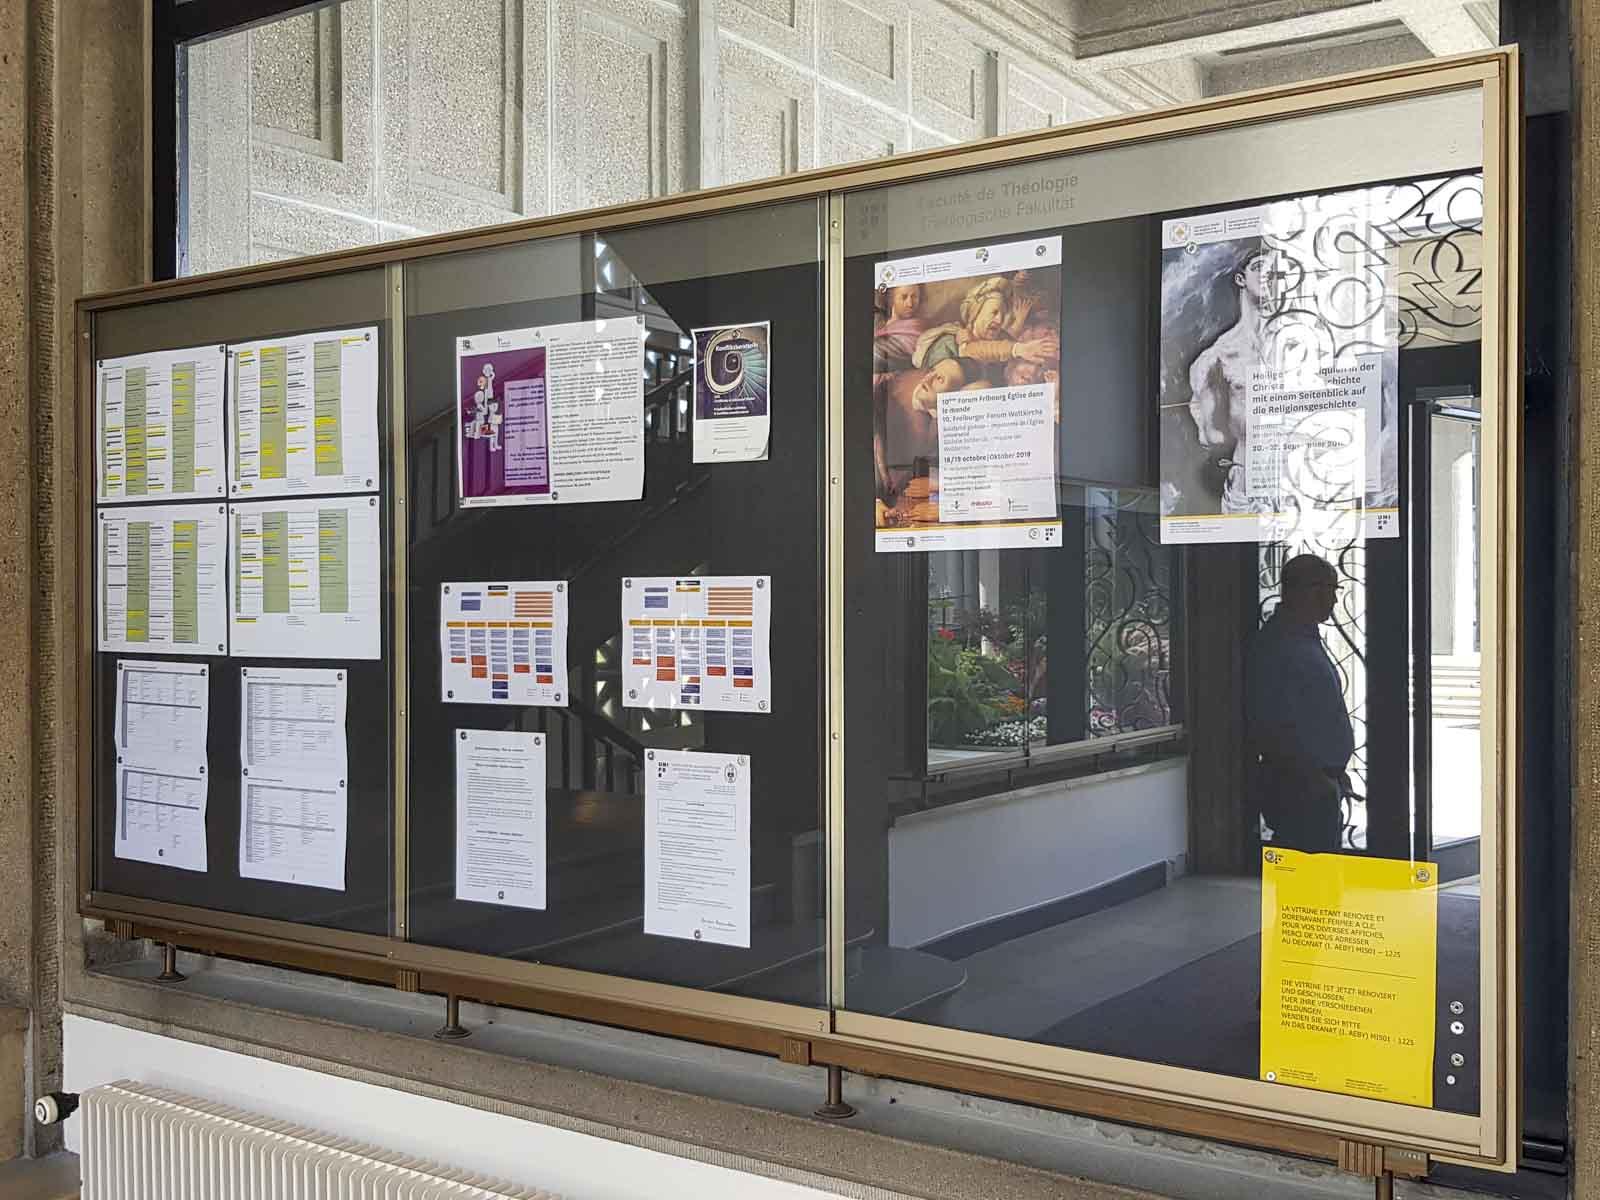 Wooddesign_öffentliche Bauten_Uni Freiburg_Möbel_Vitrine_Pinnwand (1)